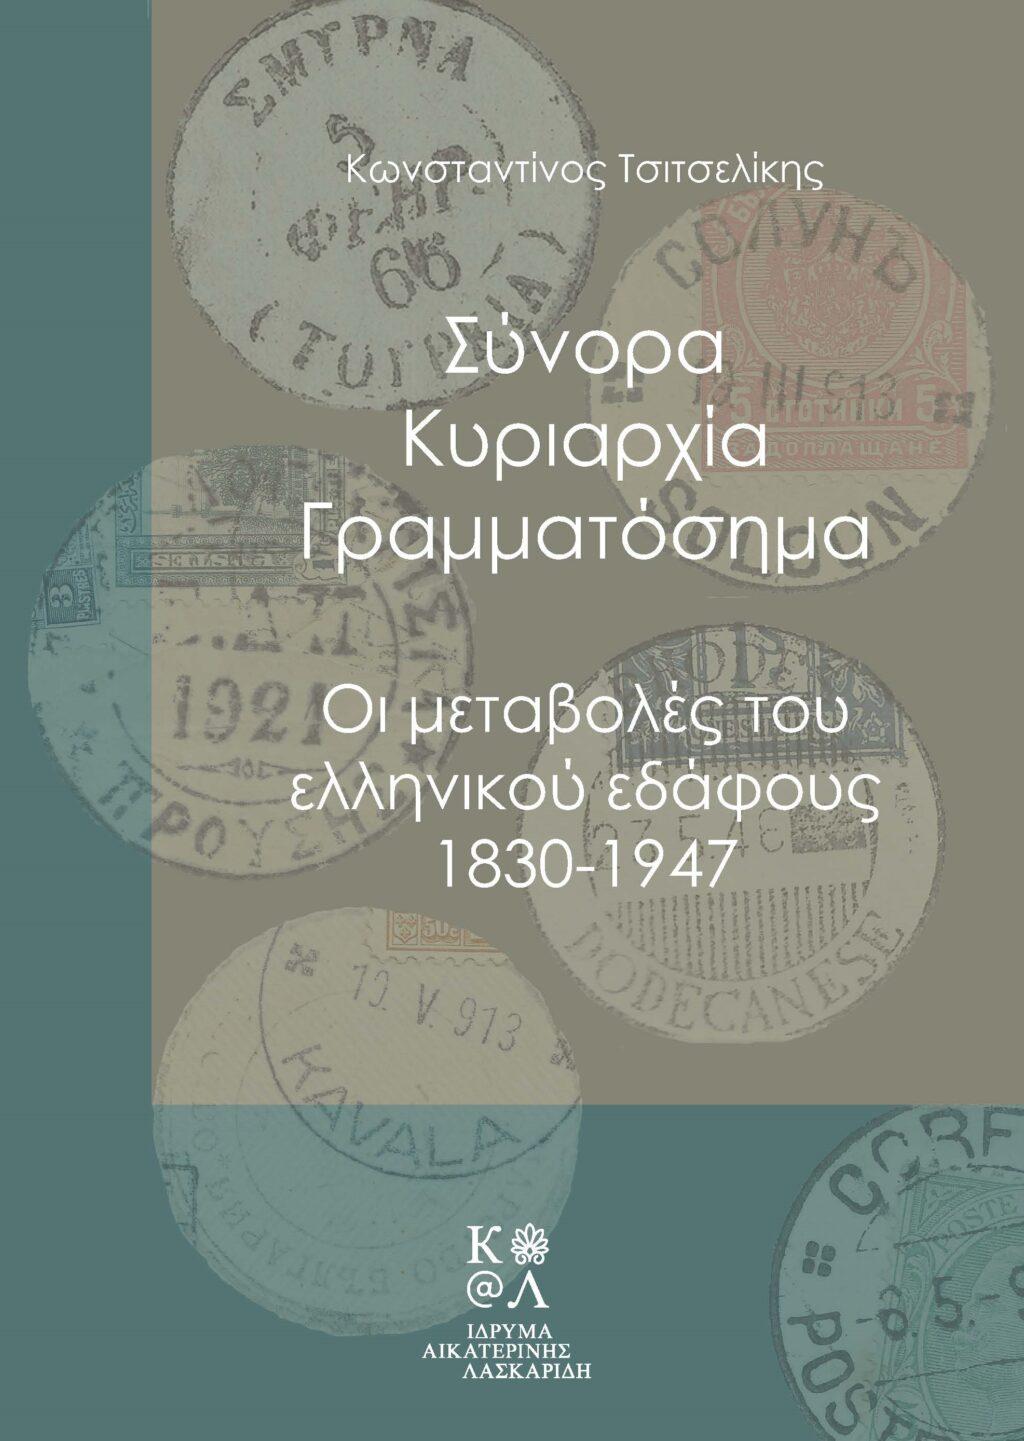 Σύνορα, Κυριαρχία, Γραμματόσημα Οι μεταβολές του ελληνικού εδάφους, 1830-1947